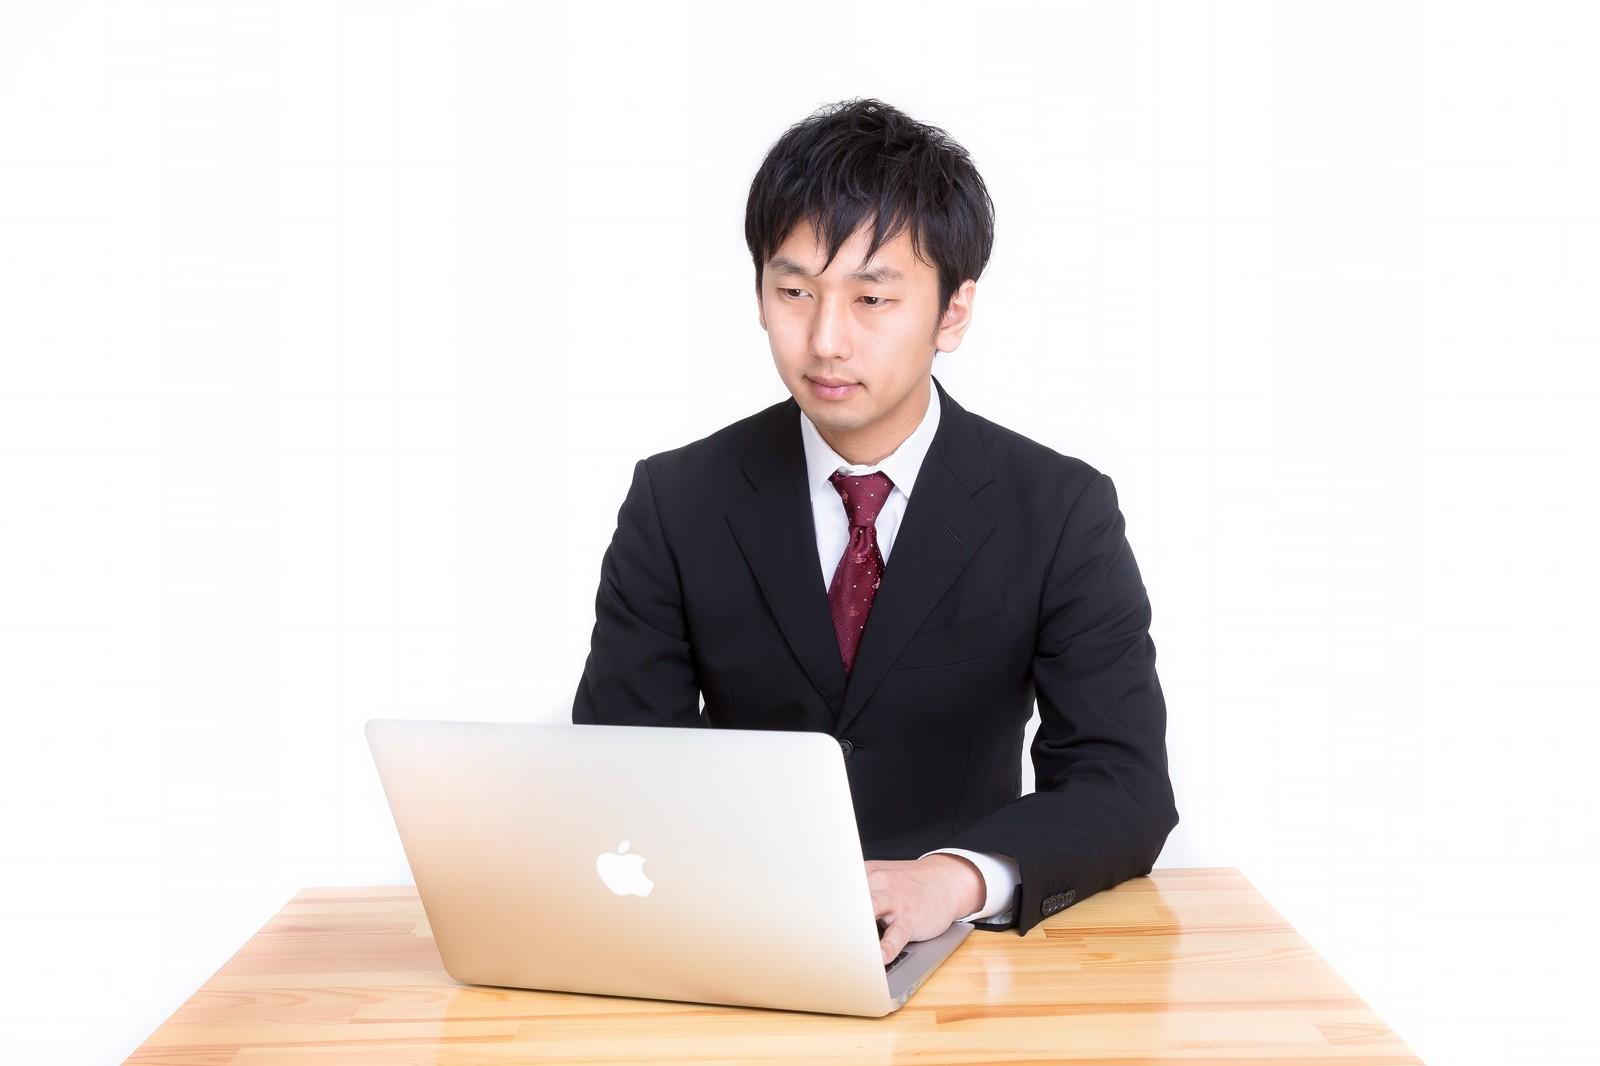 【高卒の方向け】未経験でプログラマーになる方法